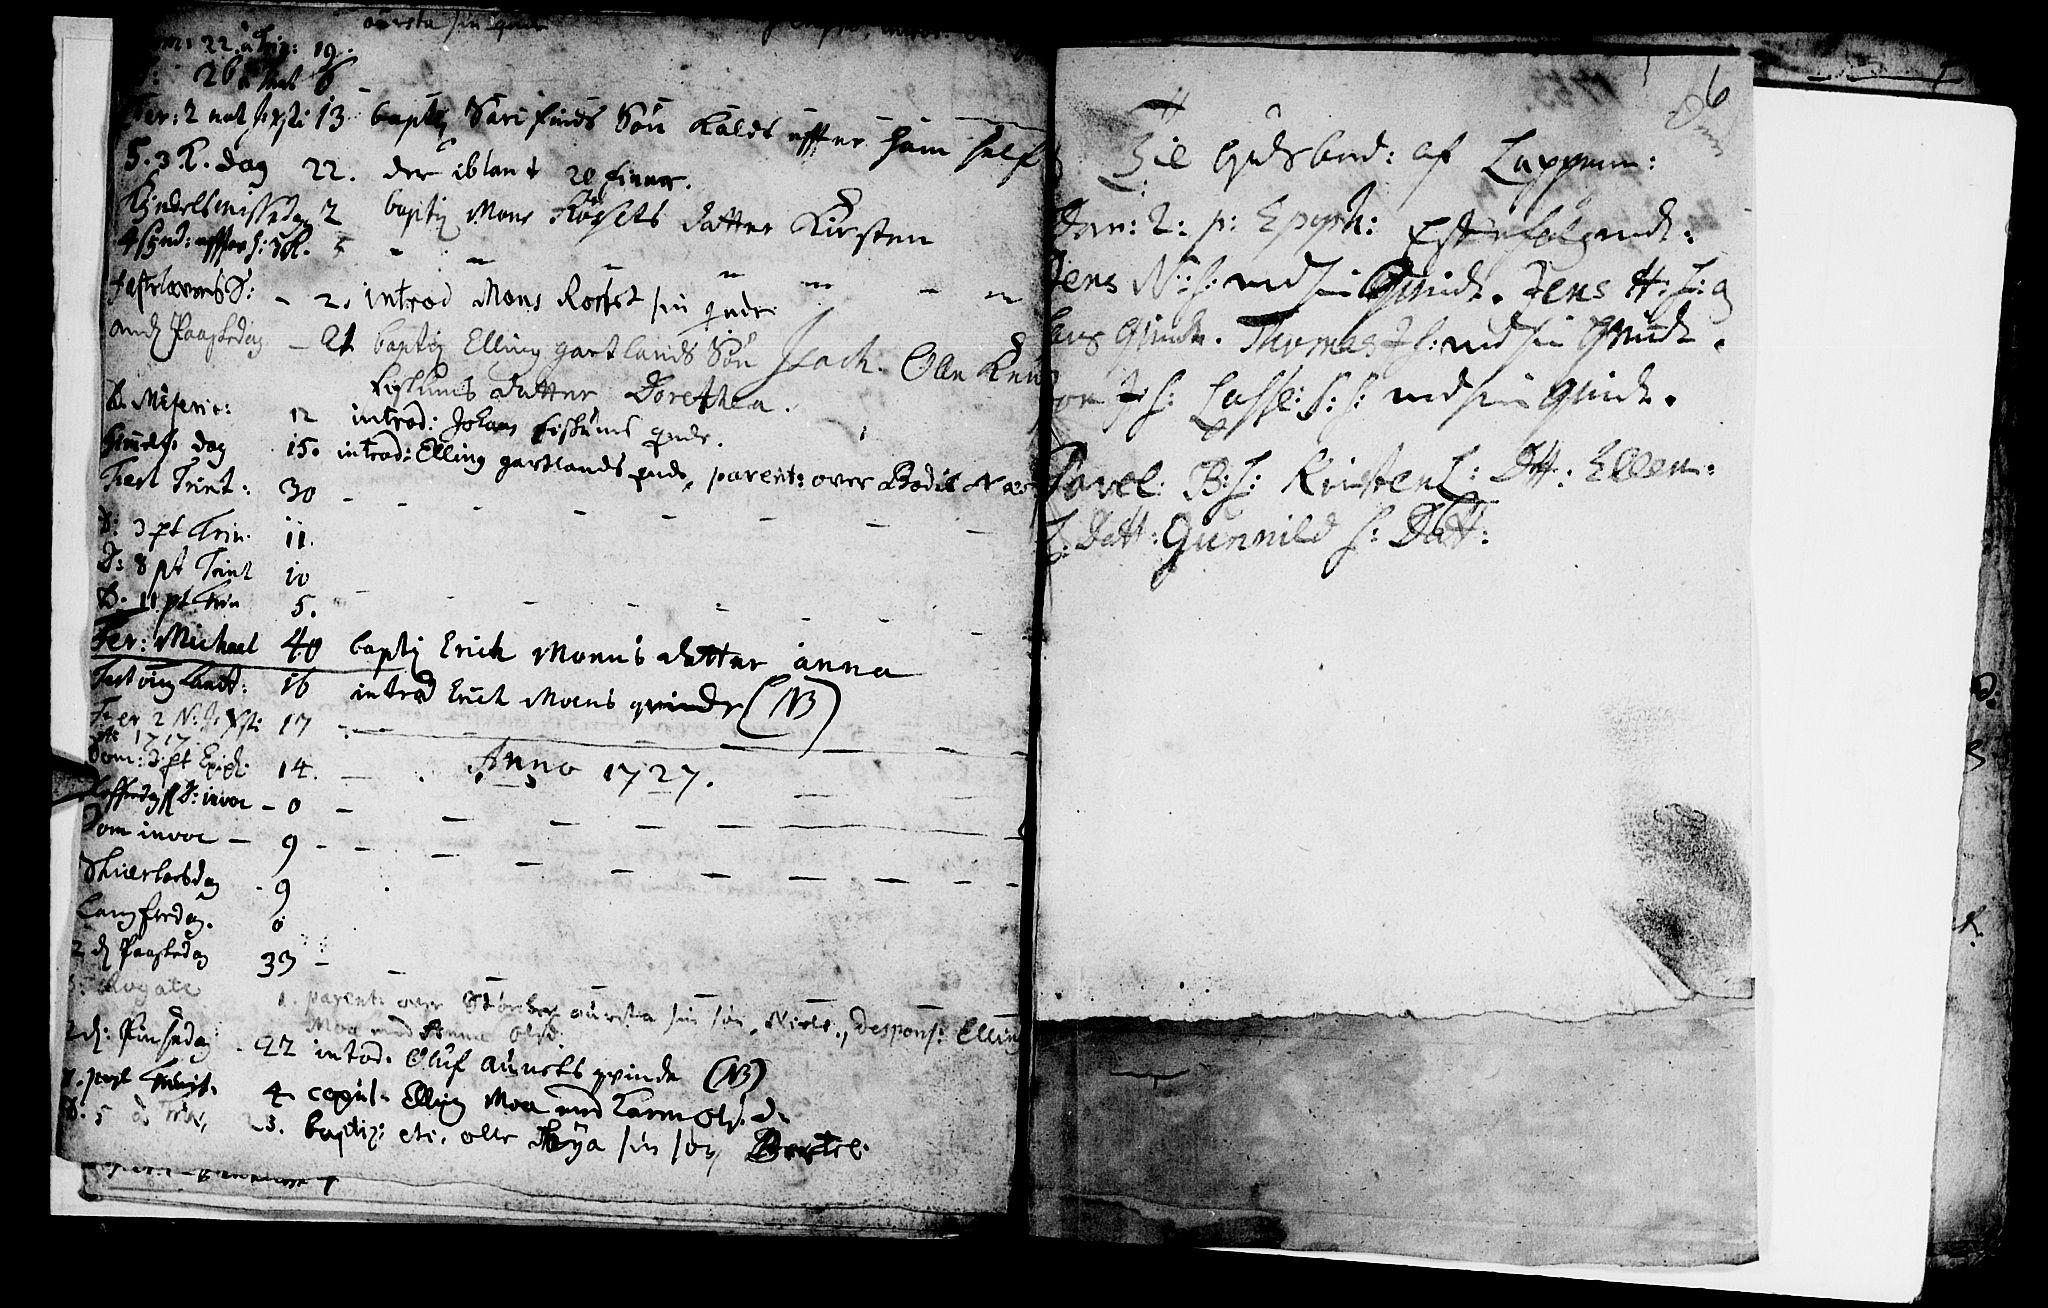 SAT, Ministerialprotokoller, klokkerbøker og fødselsregistre - Nord-Trøndelag, 759/L0525: Ministerialbok nr. 759A01, 1706-1748, s. 6